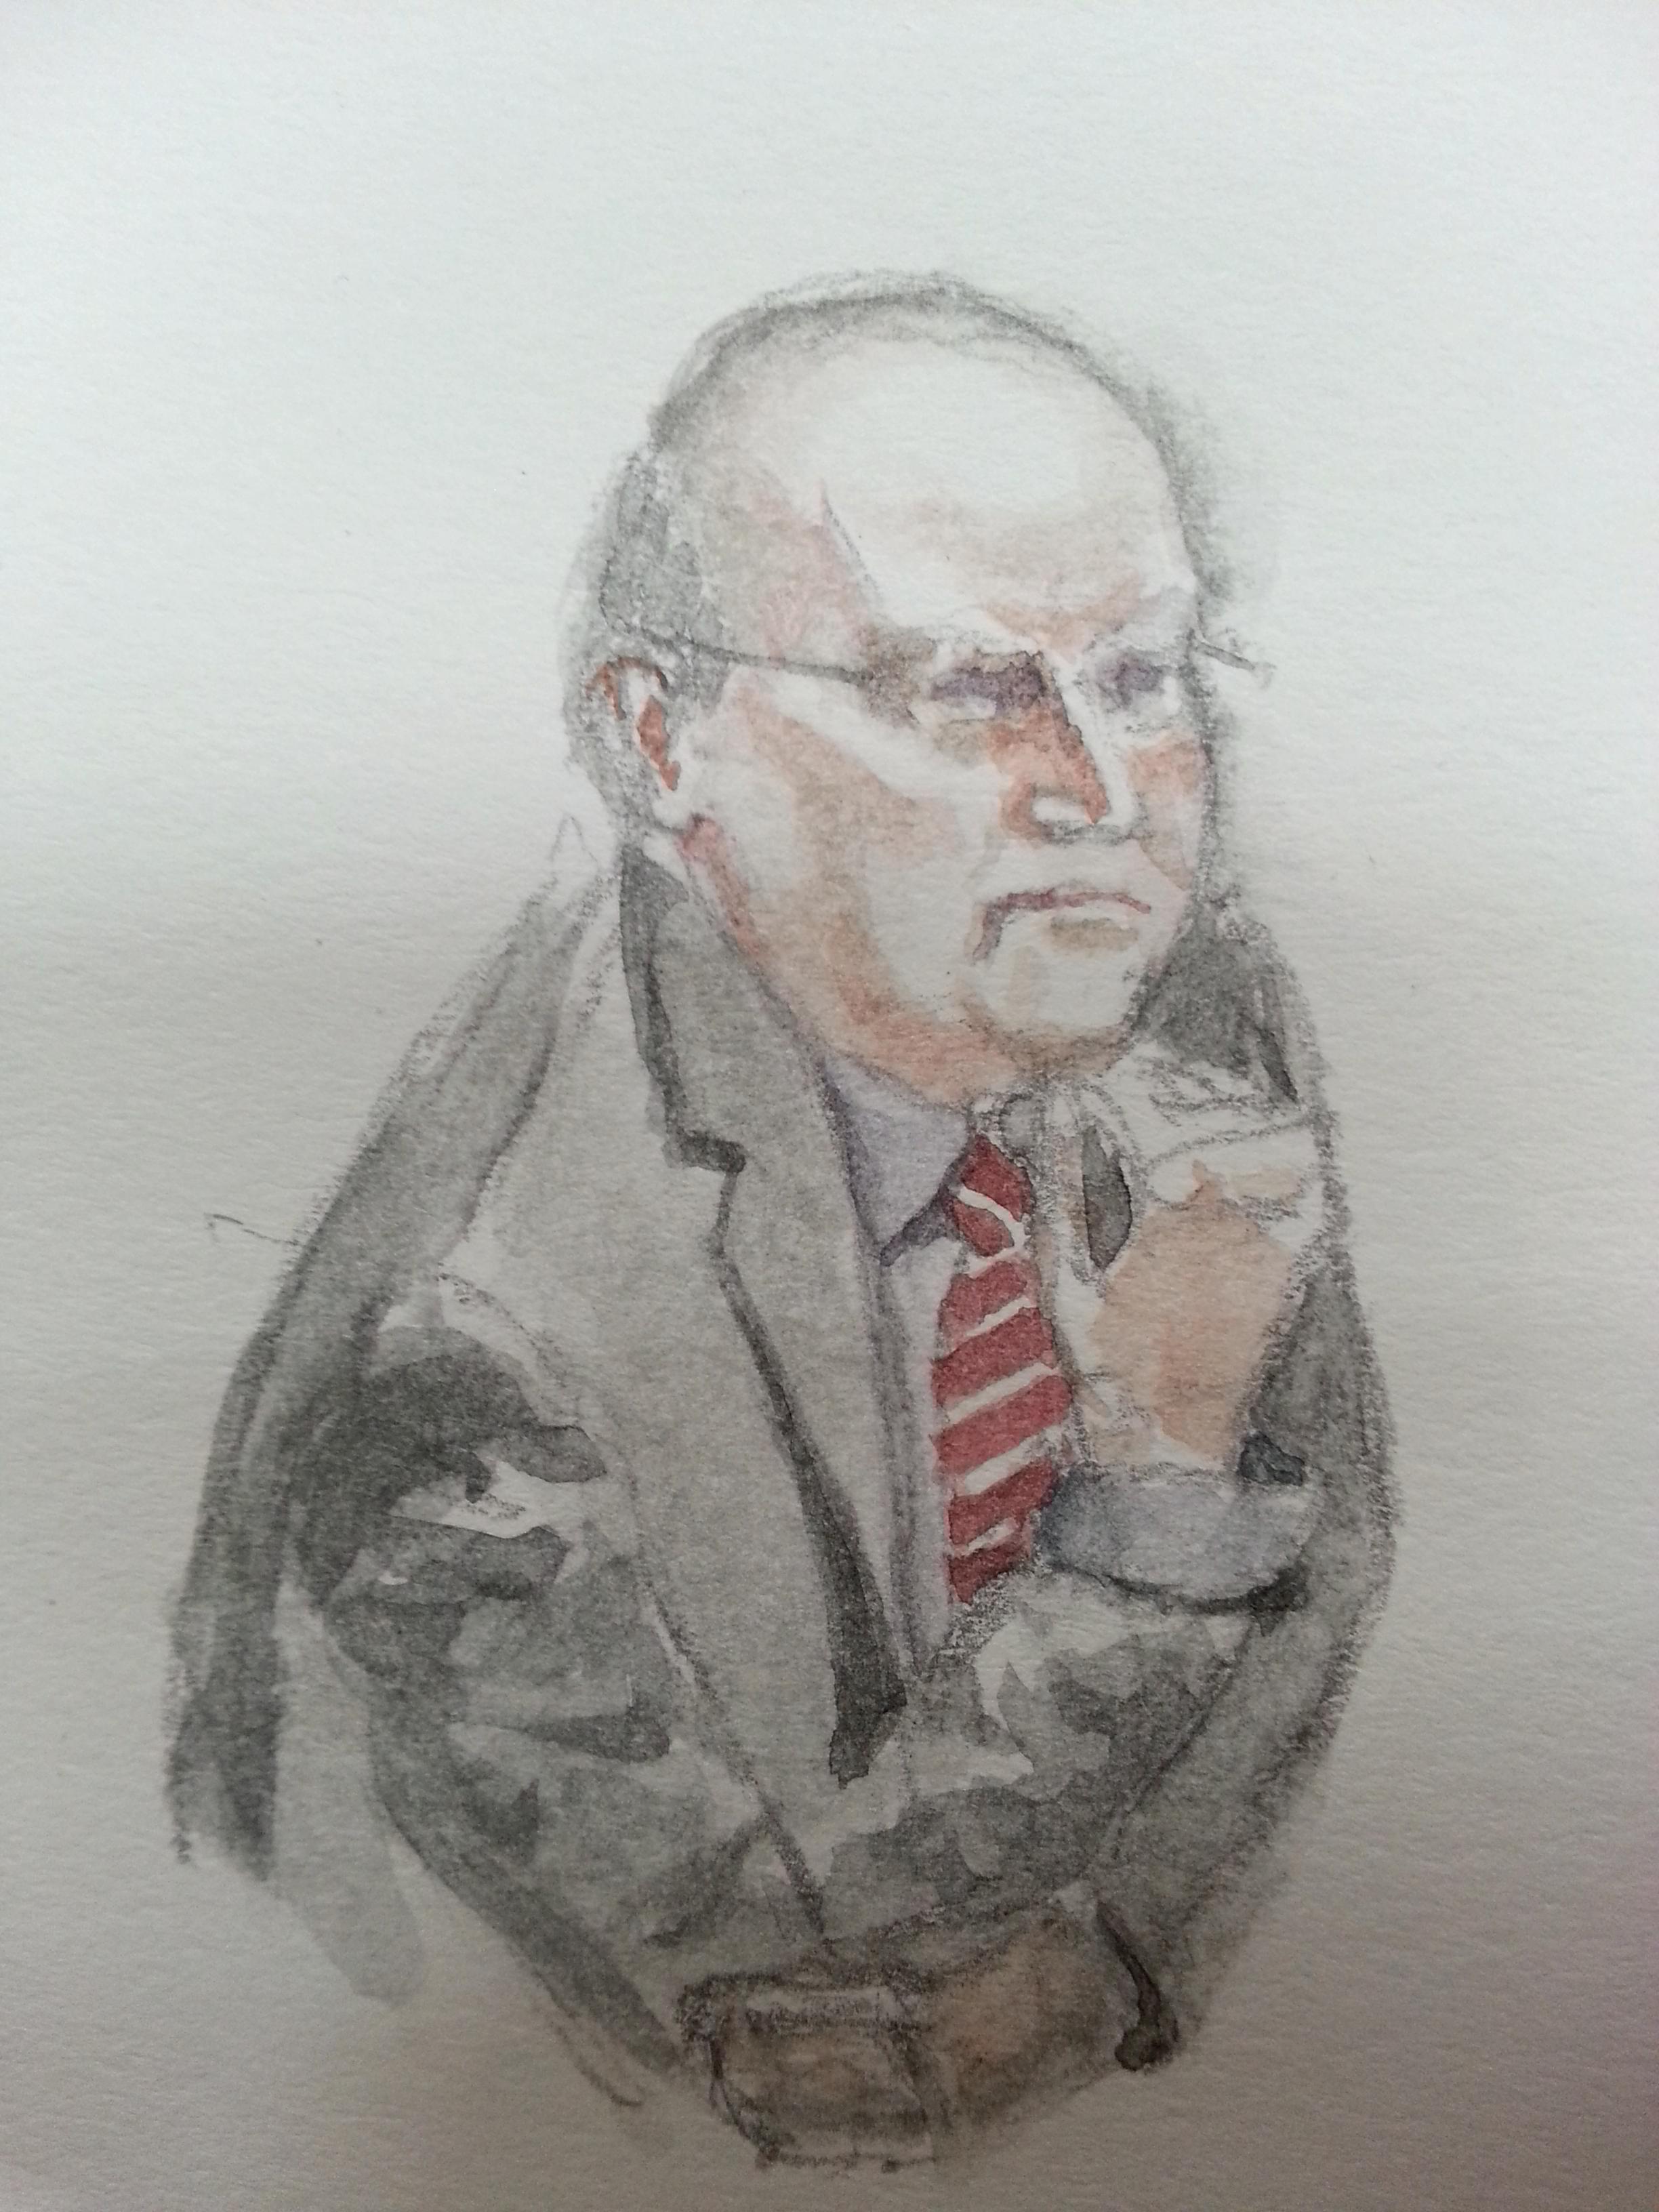 Zeuge Klaus-Dieter Fritsche bei seiner Anhörung. Zeichnung: Stella Schiffczyk.